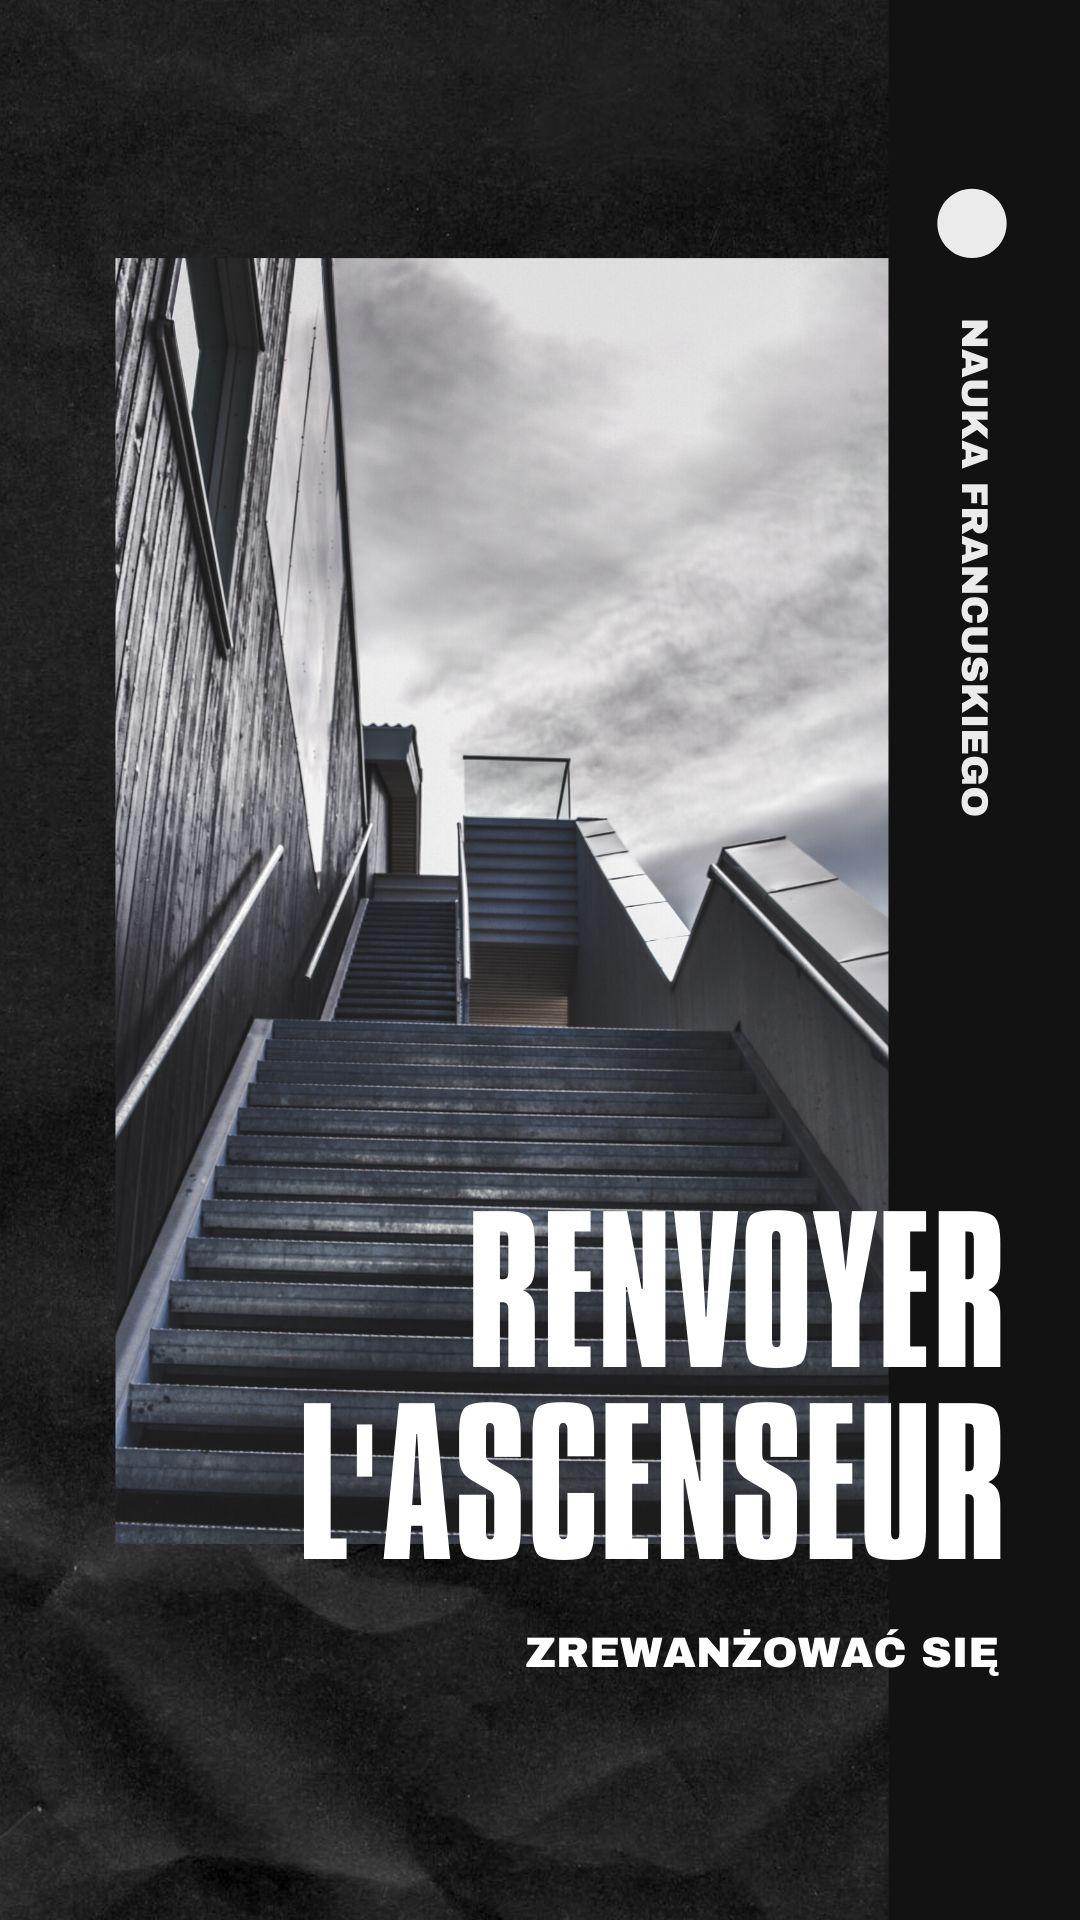 Dlaczego Francuzi mówią odesłać windę - renvoyer l'ascenseur, żeby powiedzieć zrewanżować się. Czasownik renvoyer